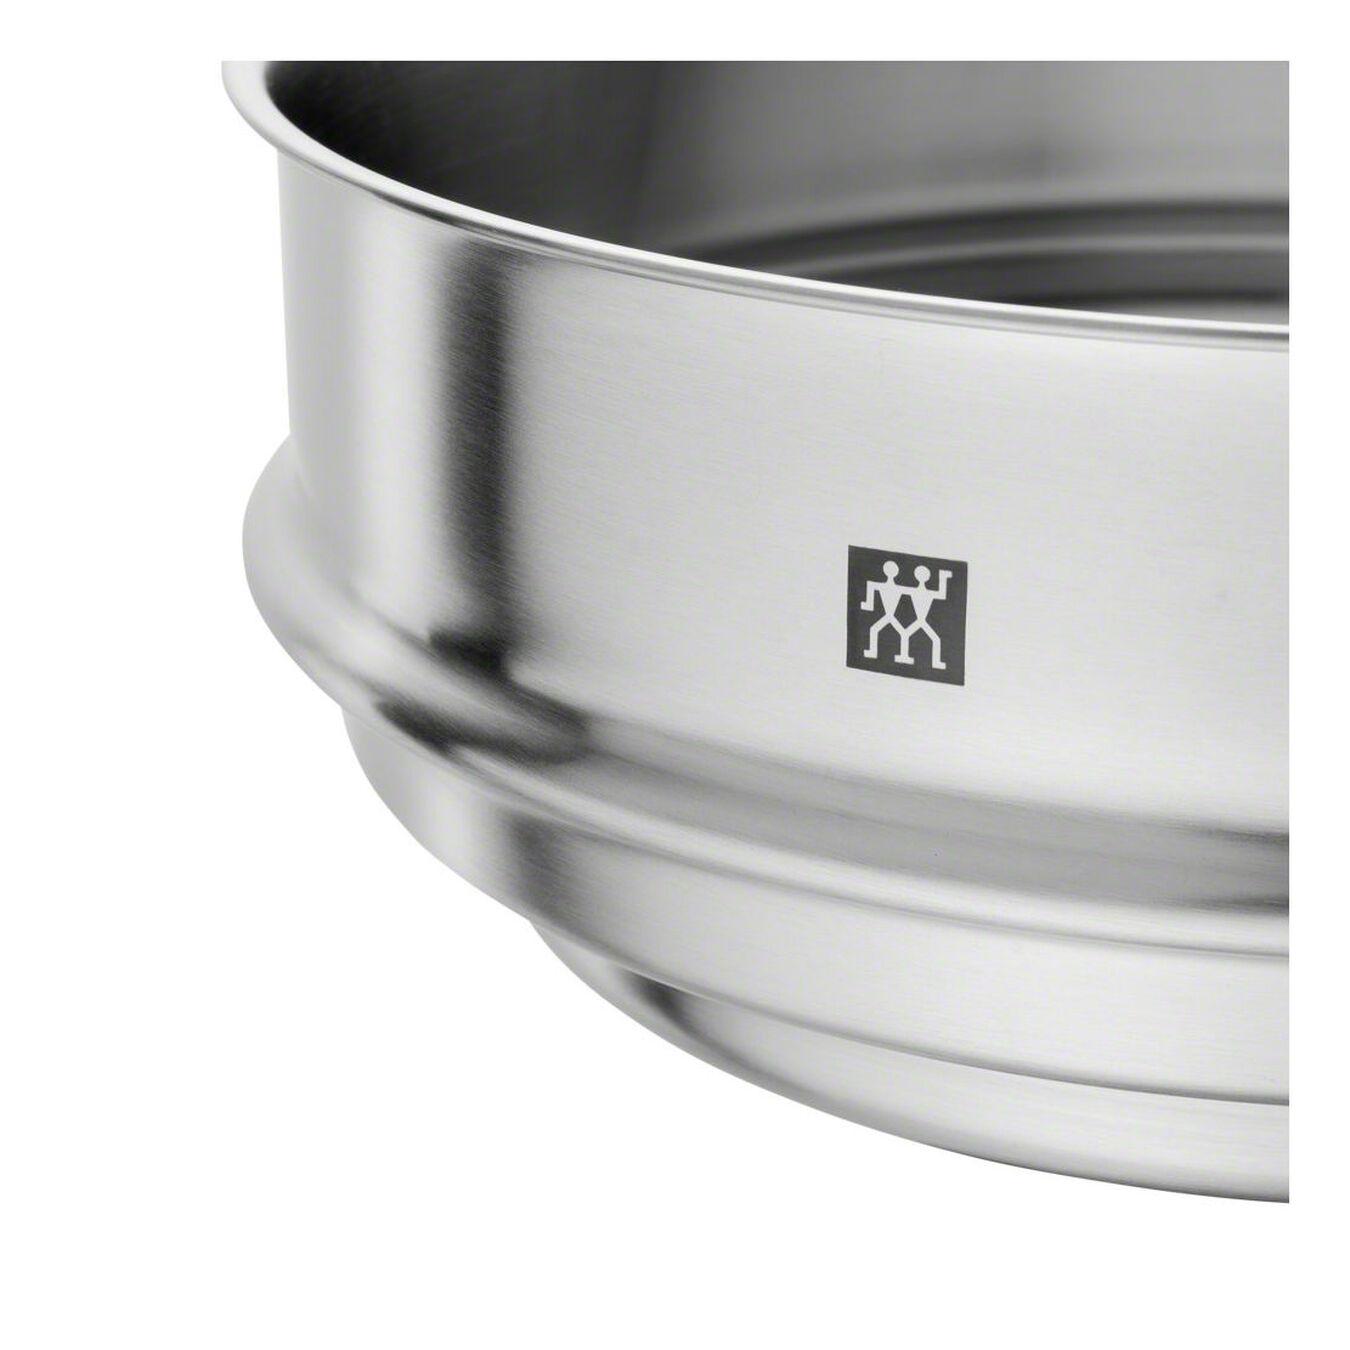 Cestello per cottura a vapore - 24 cm, acciaio,,large 2